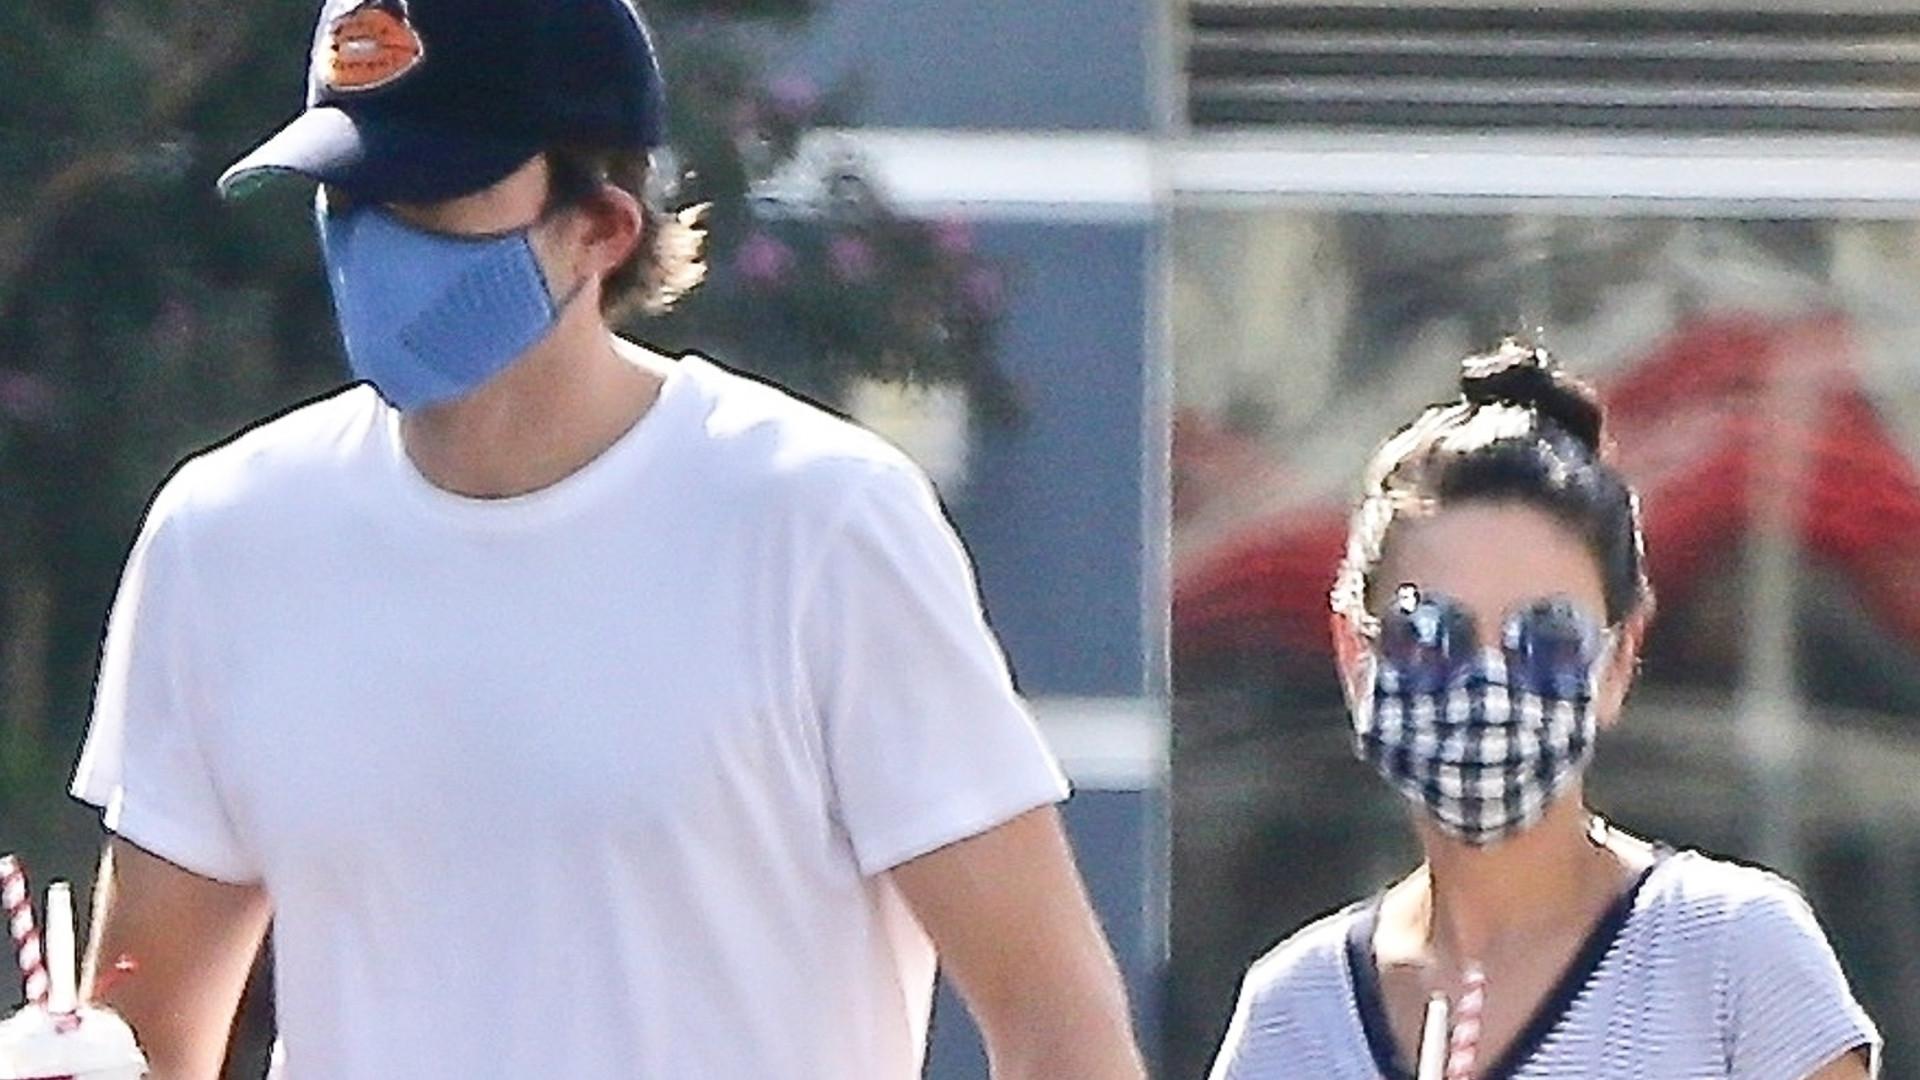 Mila Kunis i Ashton Kutcher zabrali dzieci na lody. Ich córeczka, Wyatt, jest już naprawdę duża (ZDJĘCIA)